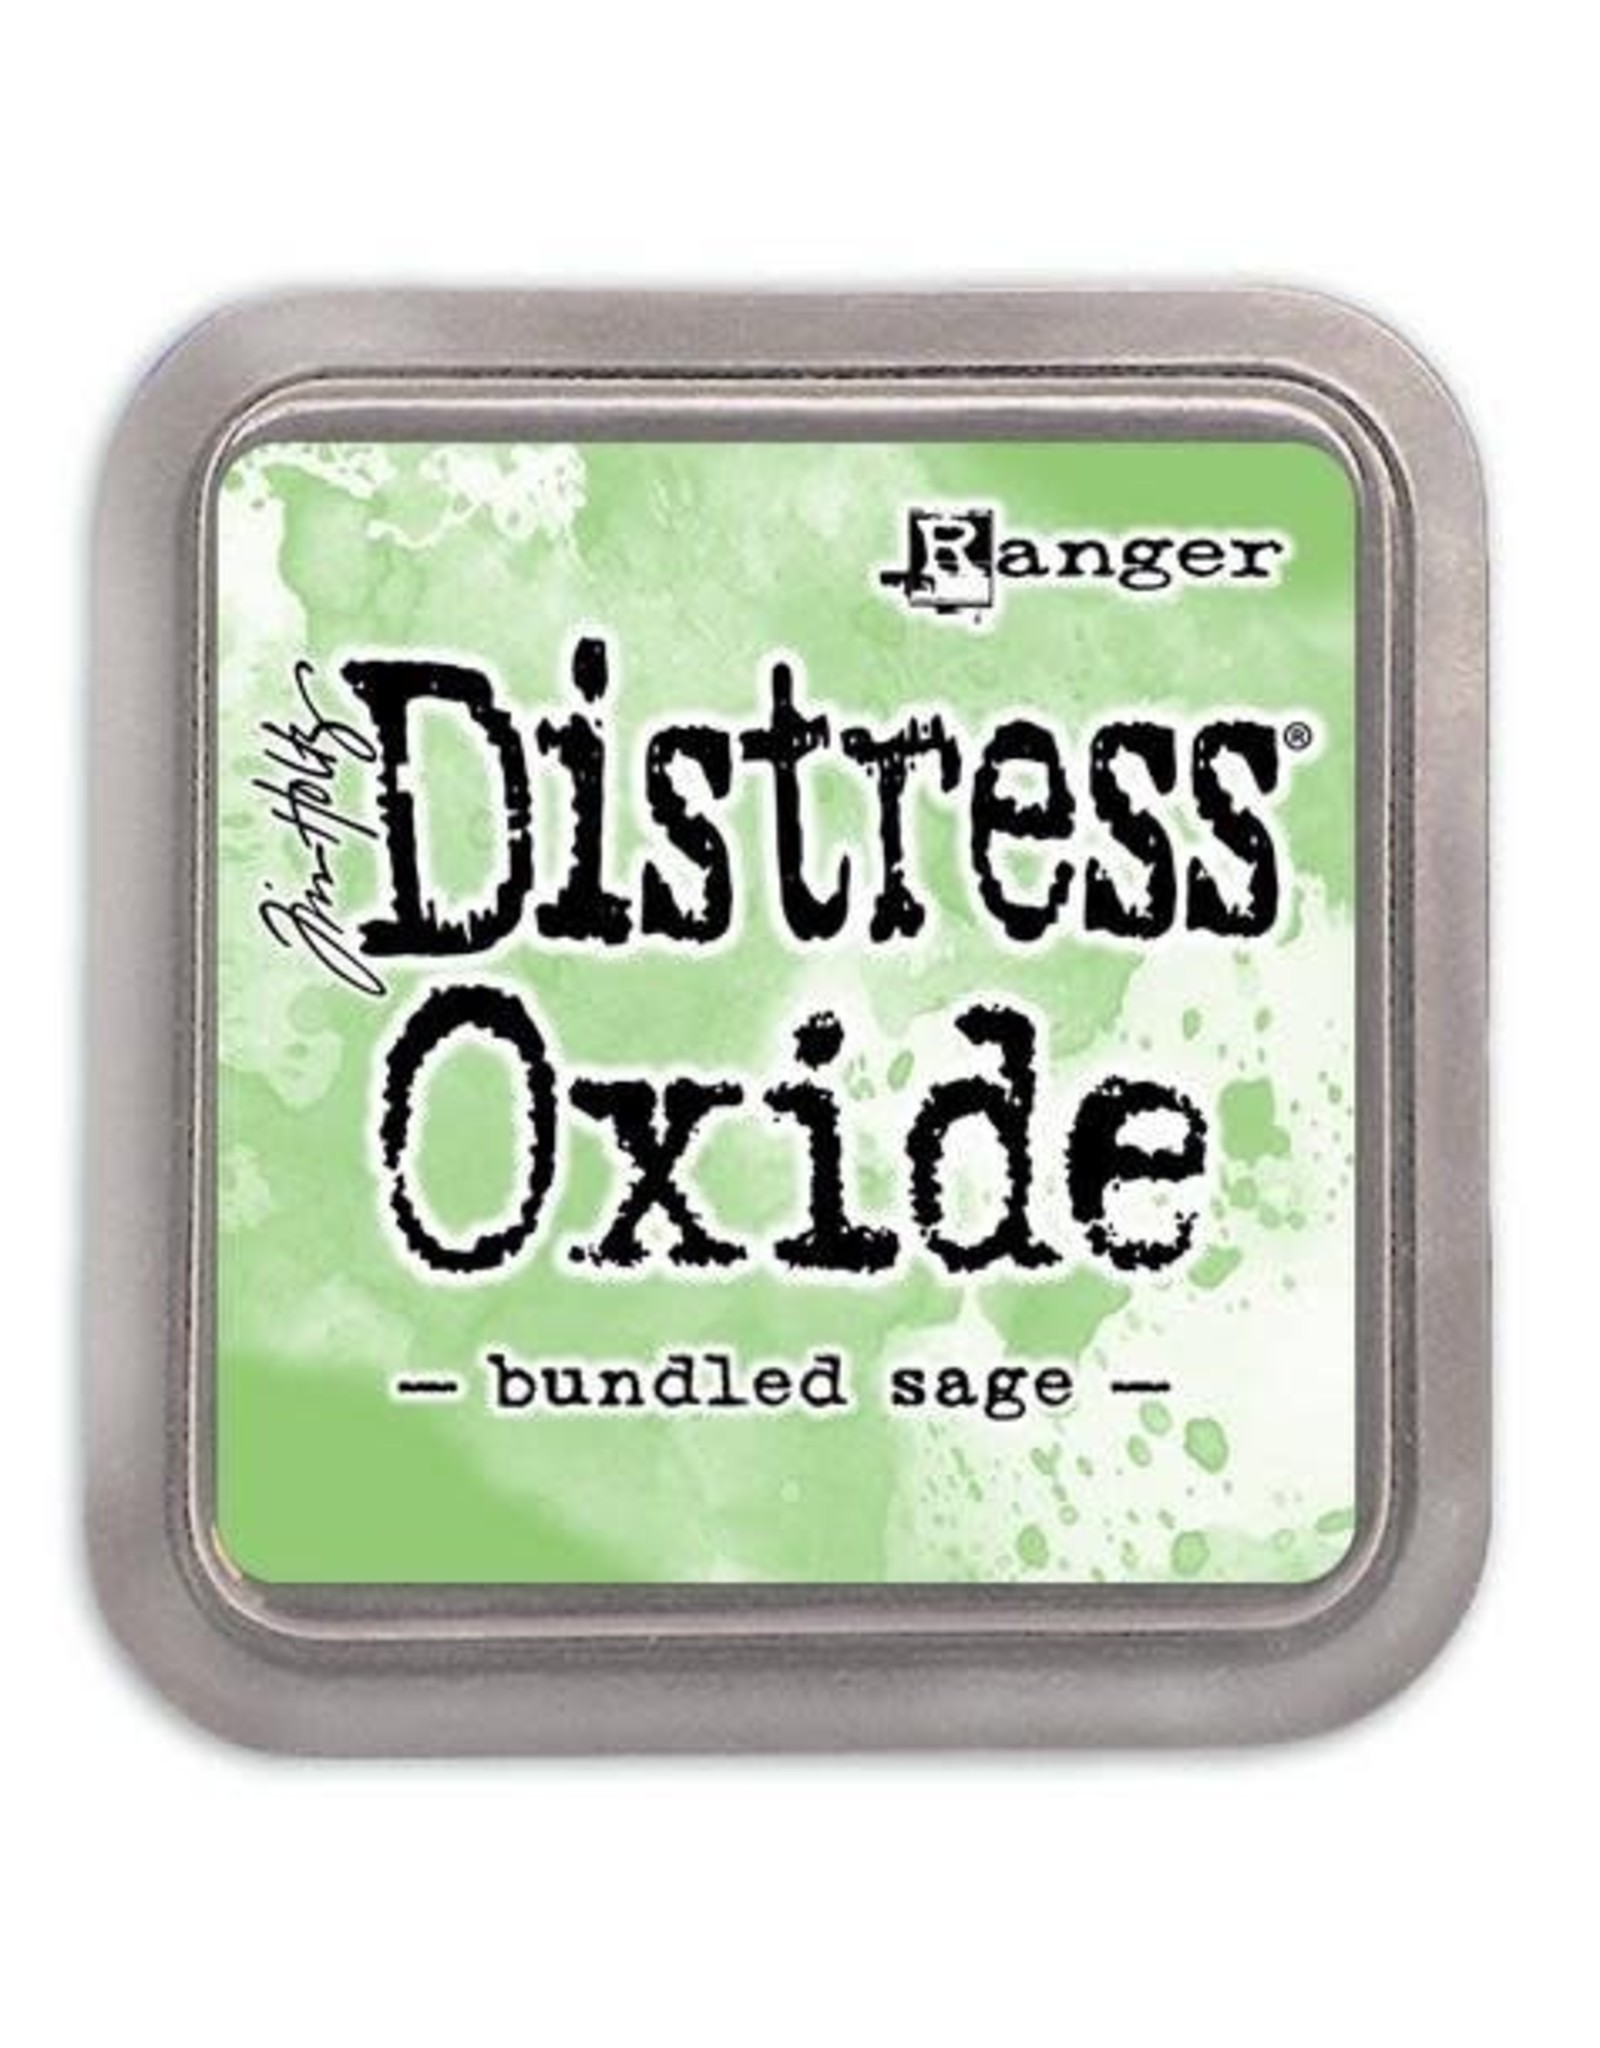 Ranger Ranger Distress Oxide - bundled sage